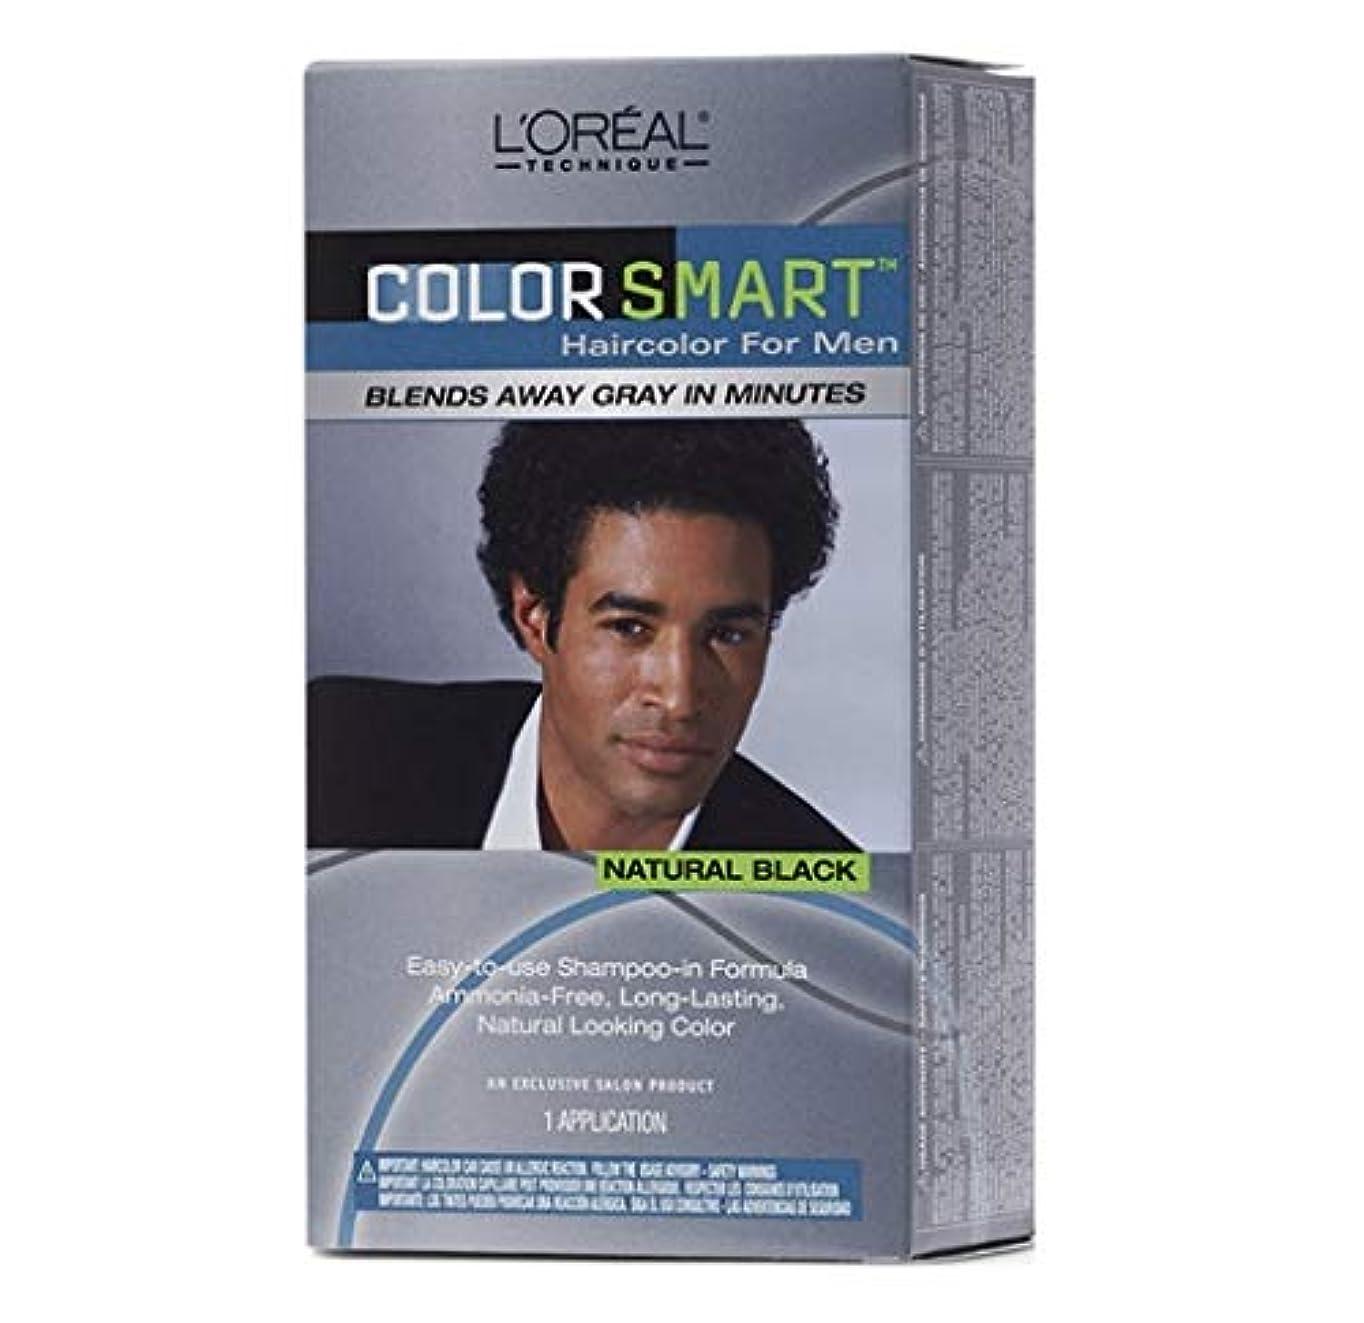 人工的な矛盾呼ぶL'Oreal Technique - Color Smart for Men - Natural Black KIT